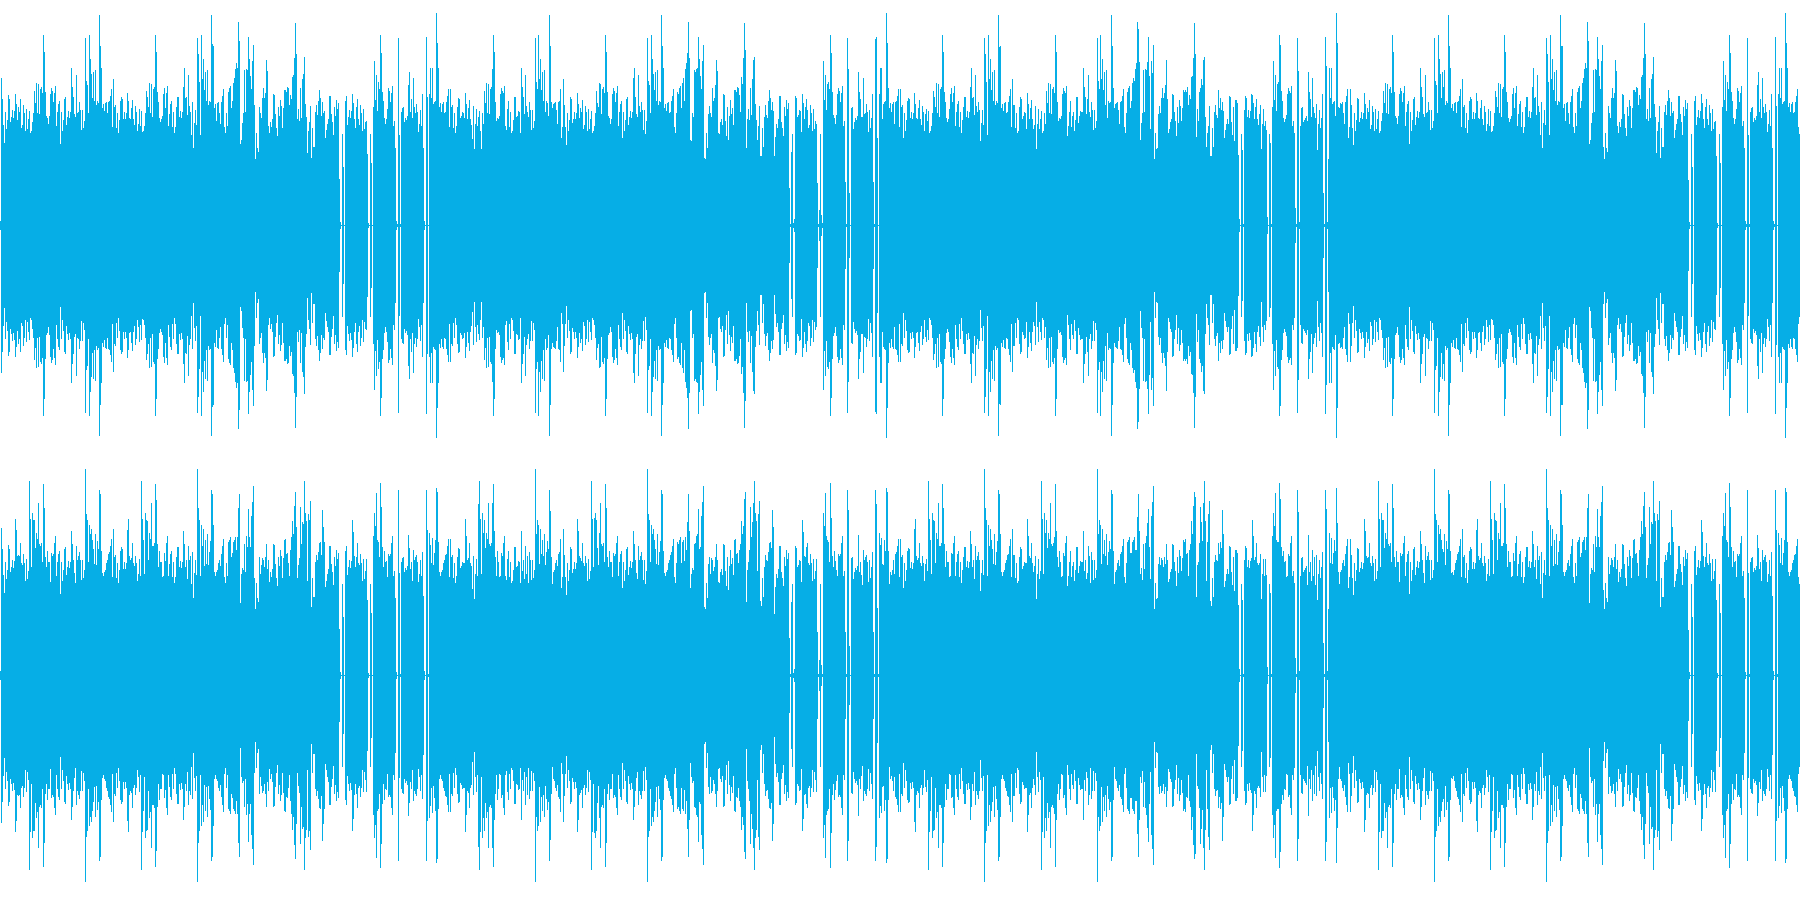 【浮遊感のあるエレクトロニカポップス】の再生済みの波形